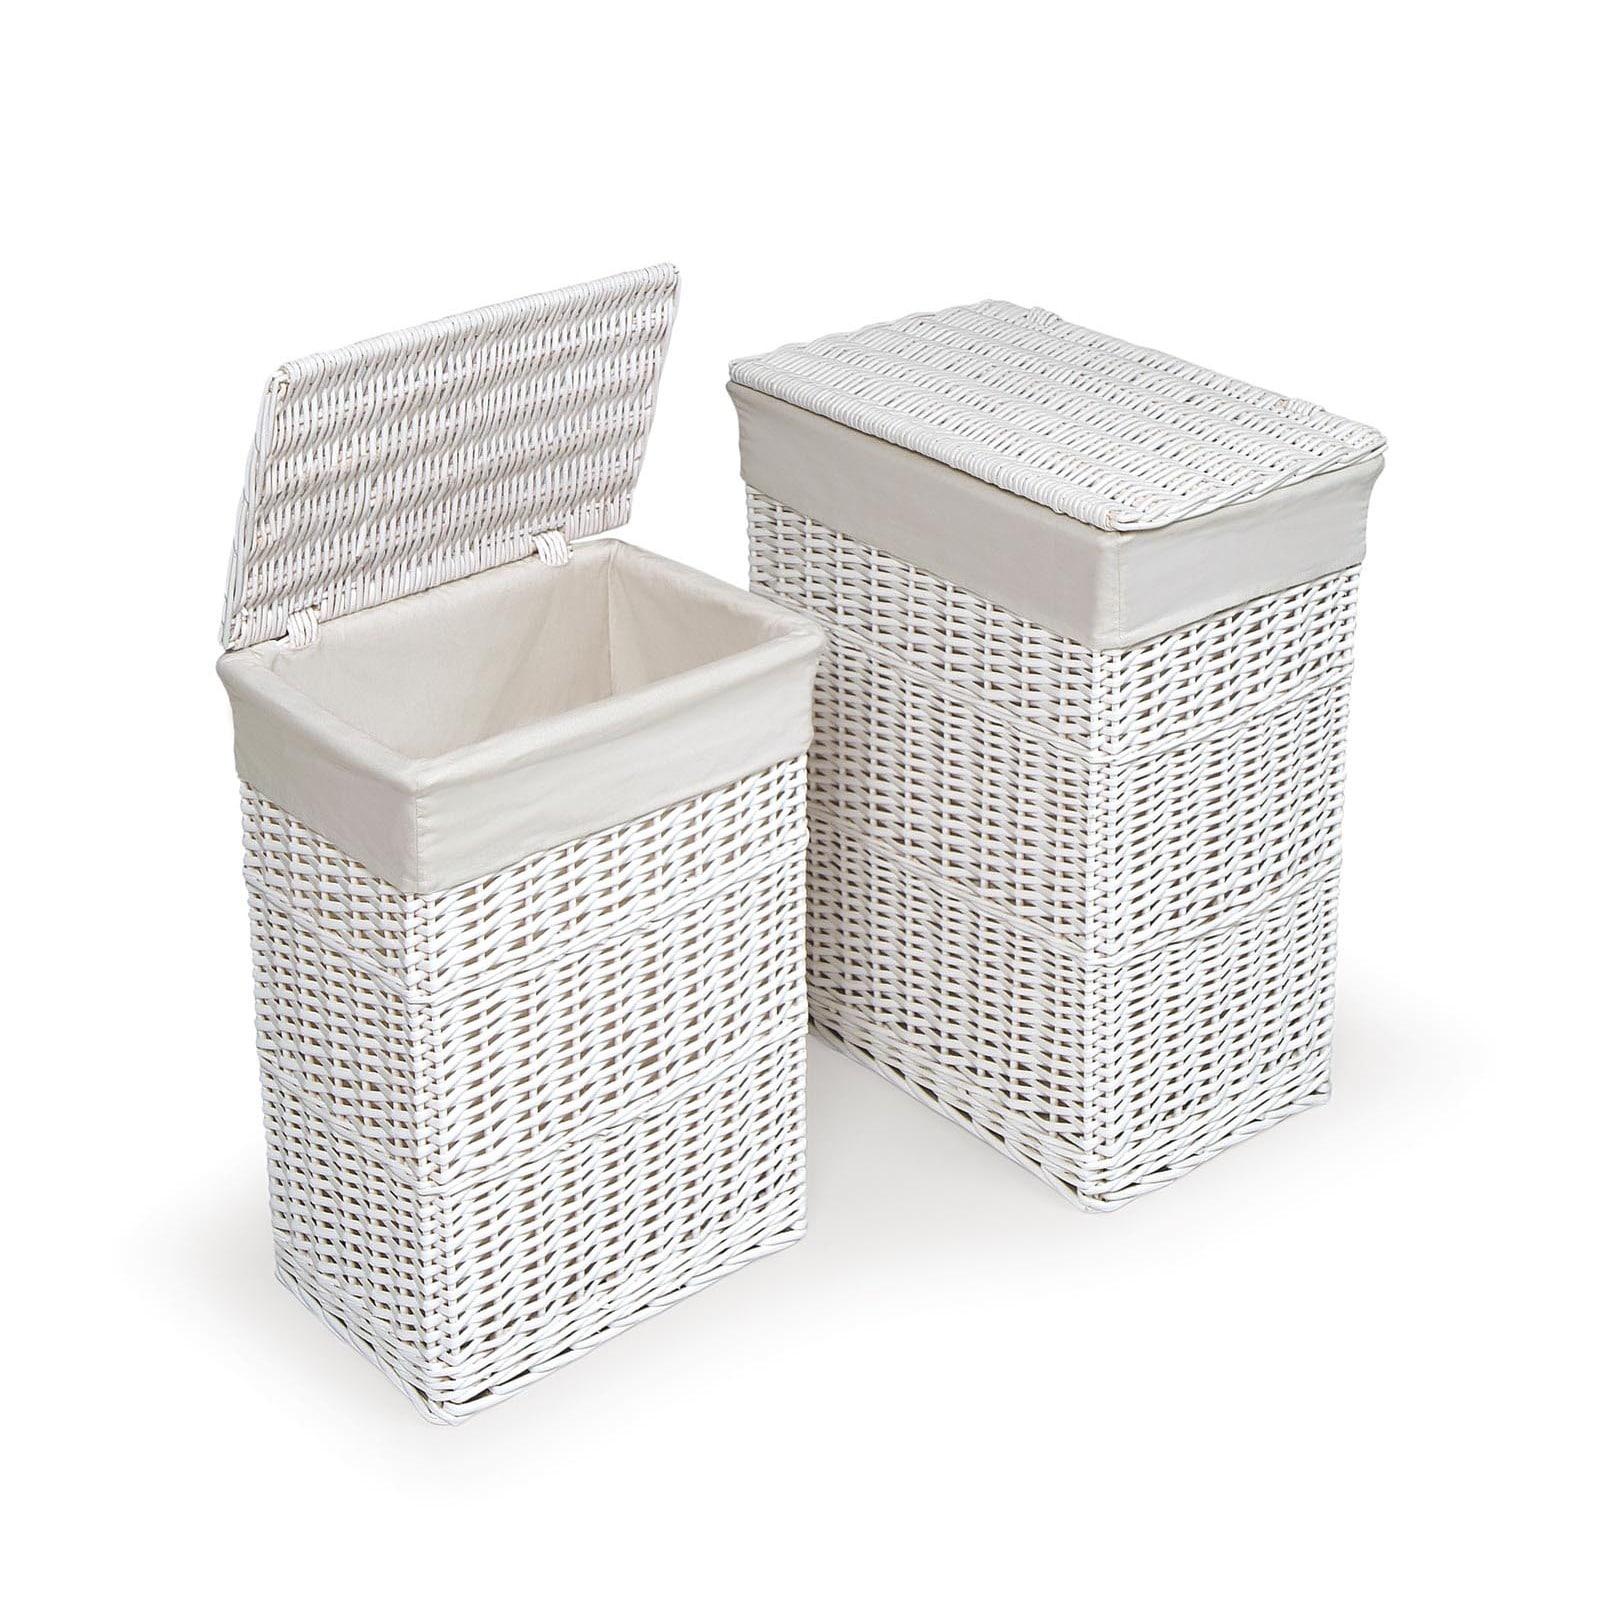 Badger Basket White Hamper with Liners (Set of 2)